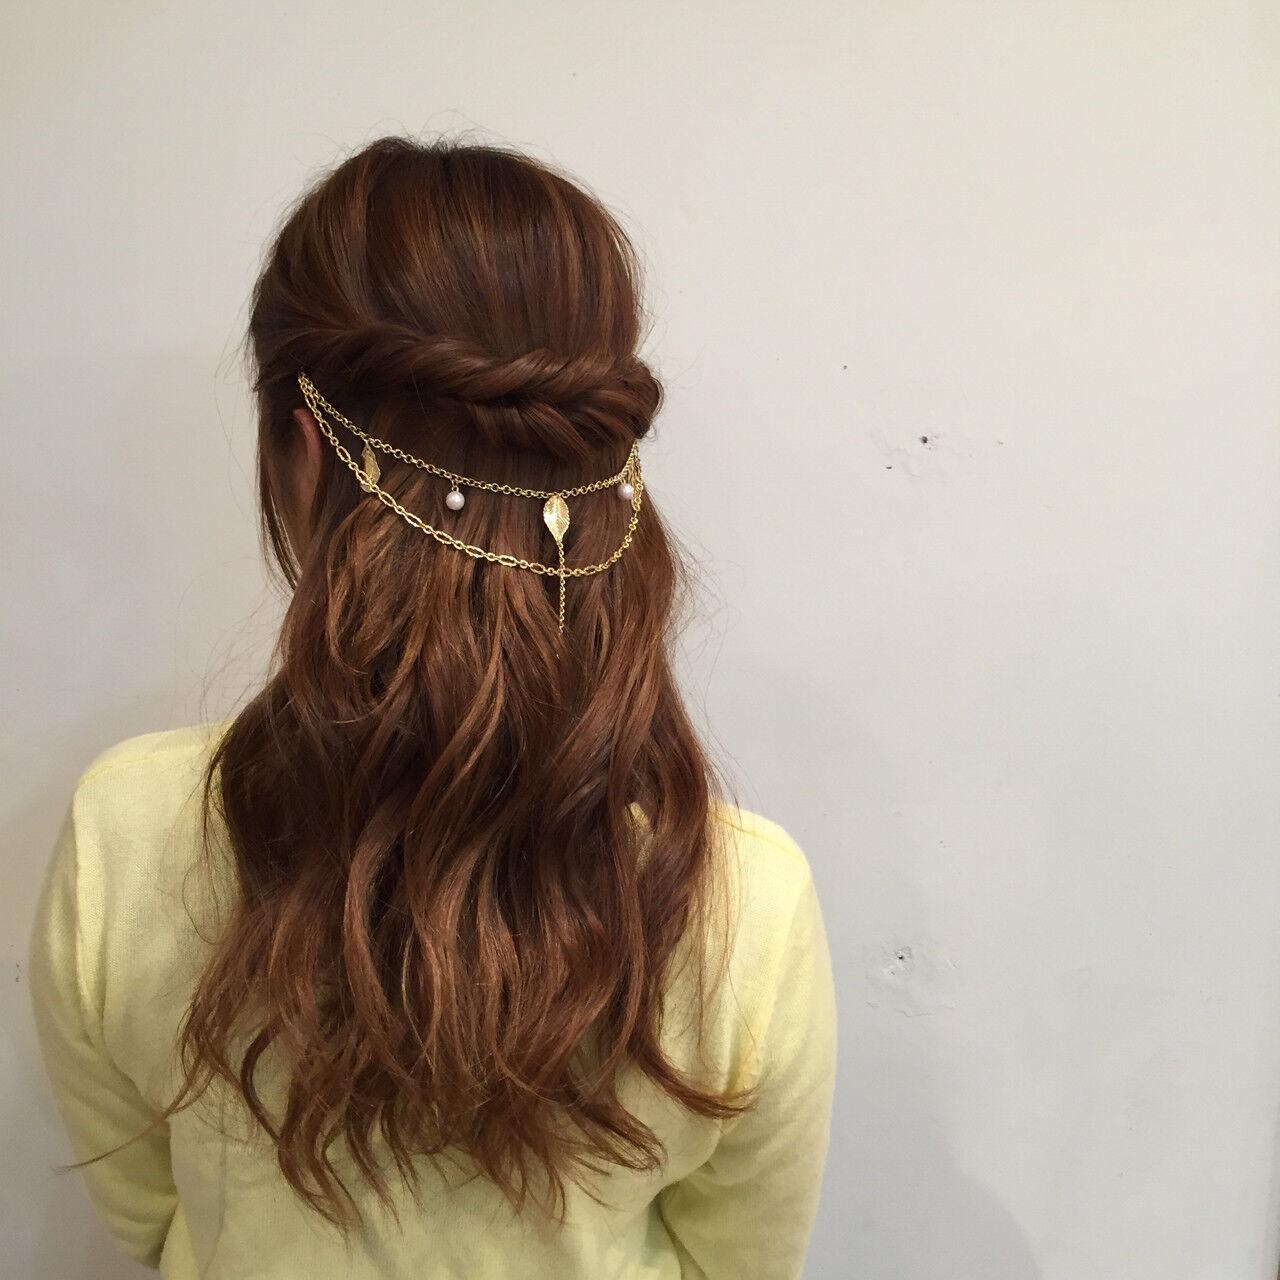 大人かわいい ハーフアップ セミロング 抜け感ヘアスタイルや髪型の写真・画像